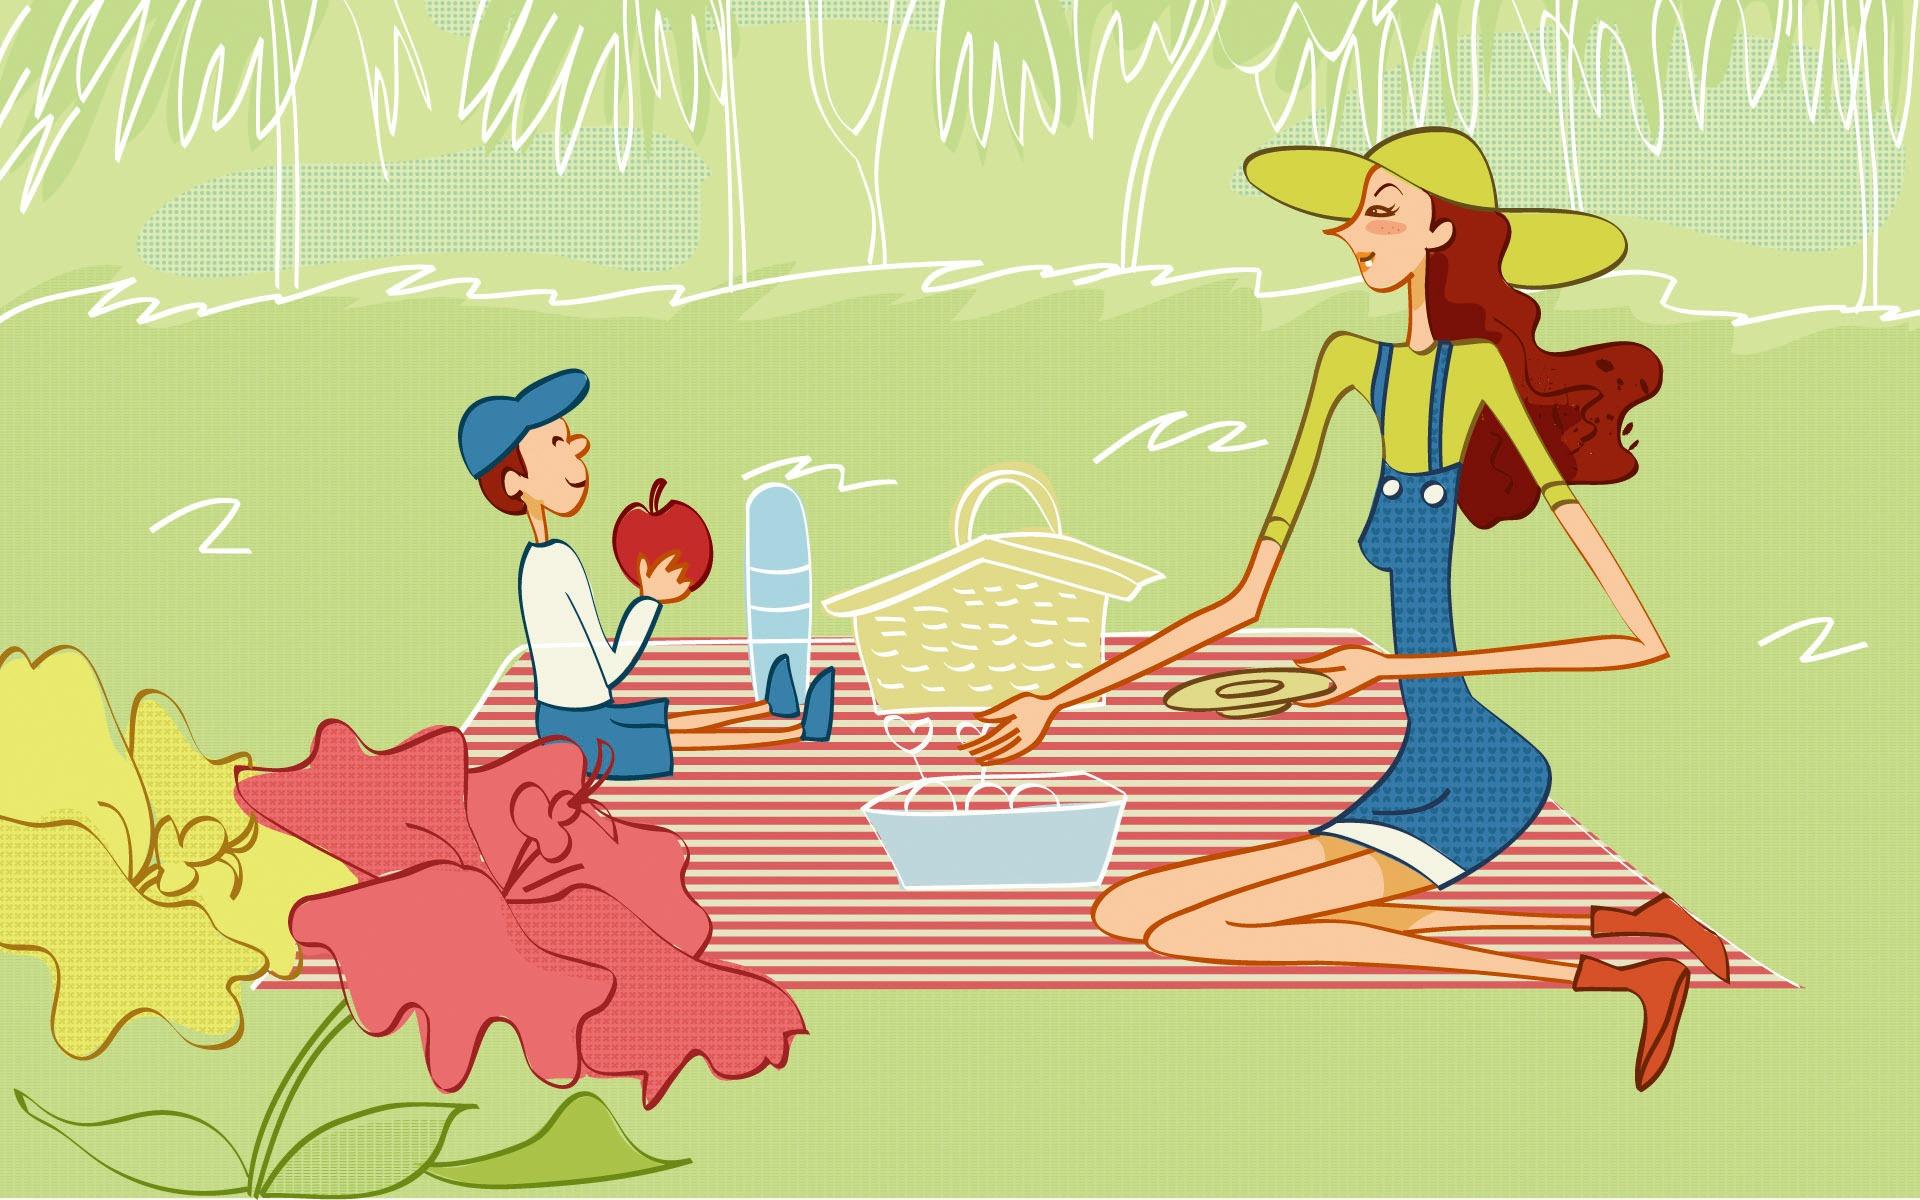 Galateo Bambini Regole E Consigli Per Stare A Tavola In Serenita Le Regole Del Bon Ton